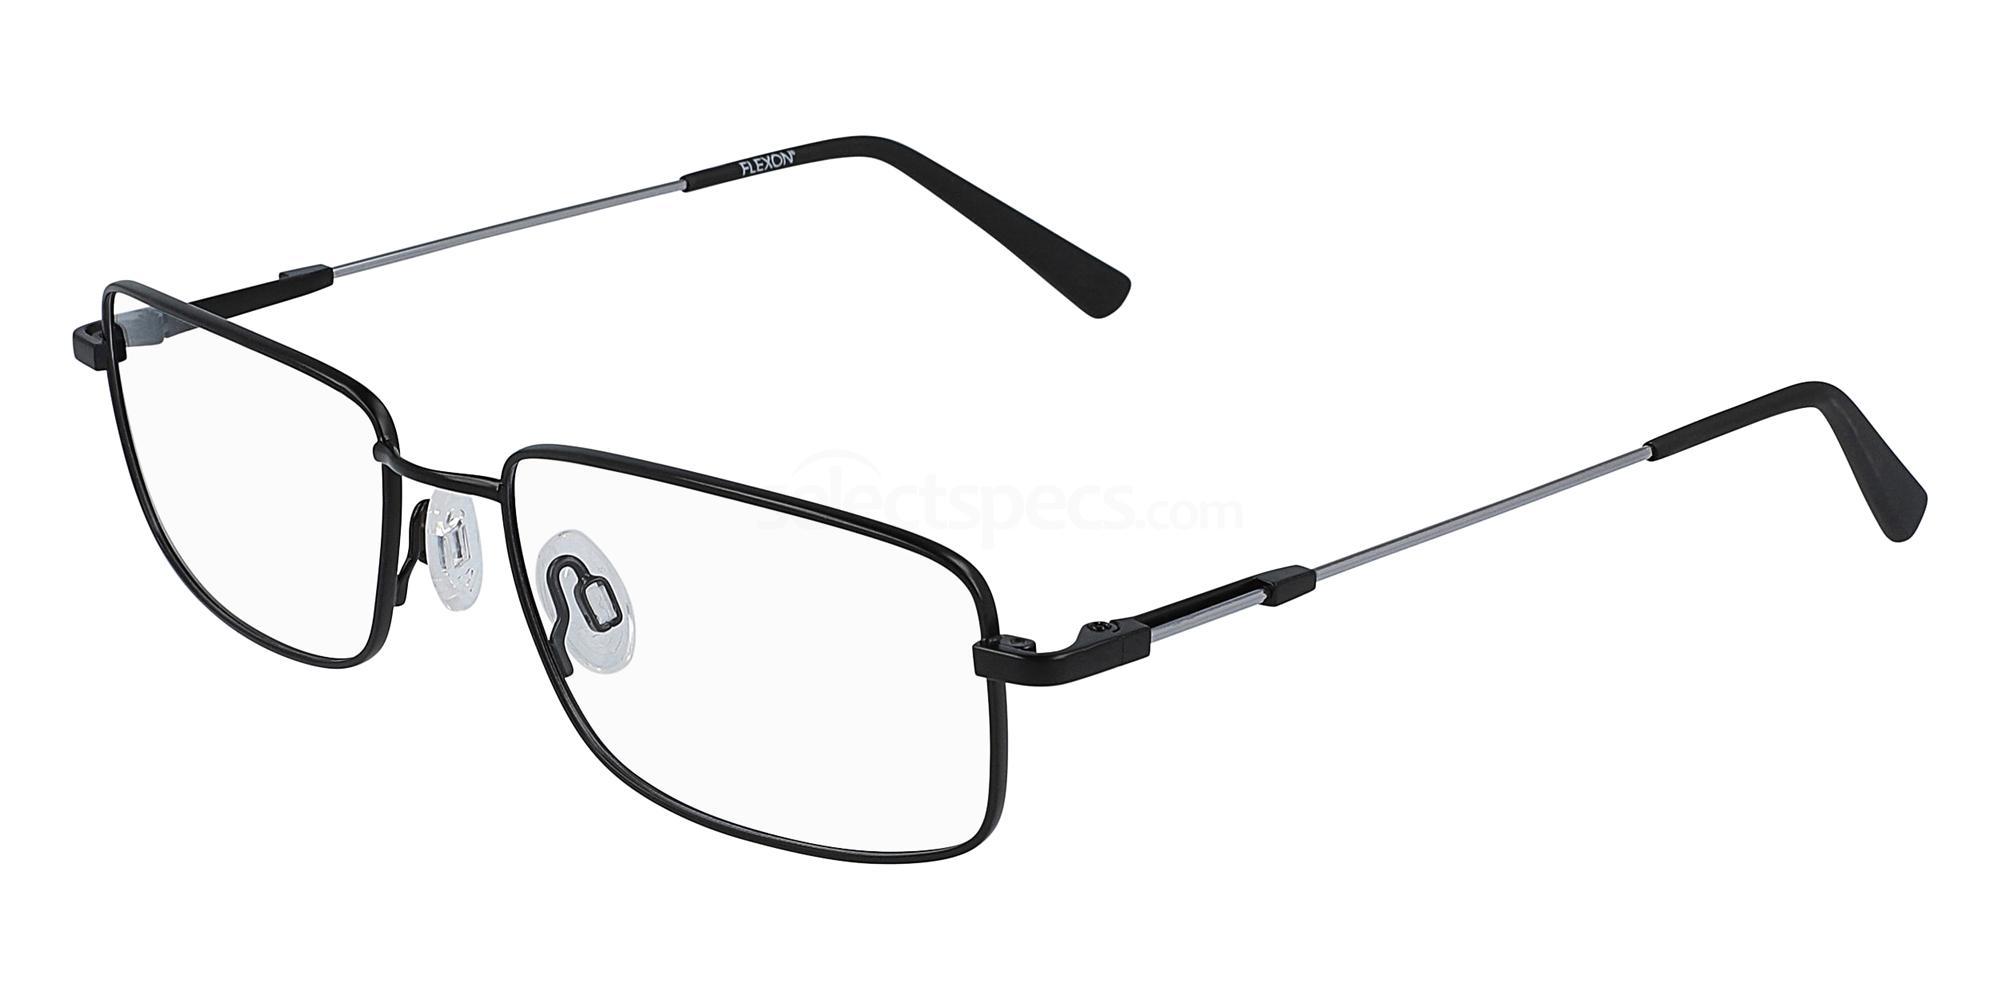 001 FLEXON H6002 Glasses, Flexon